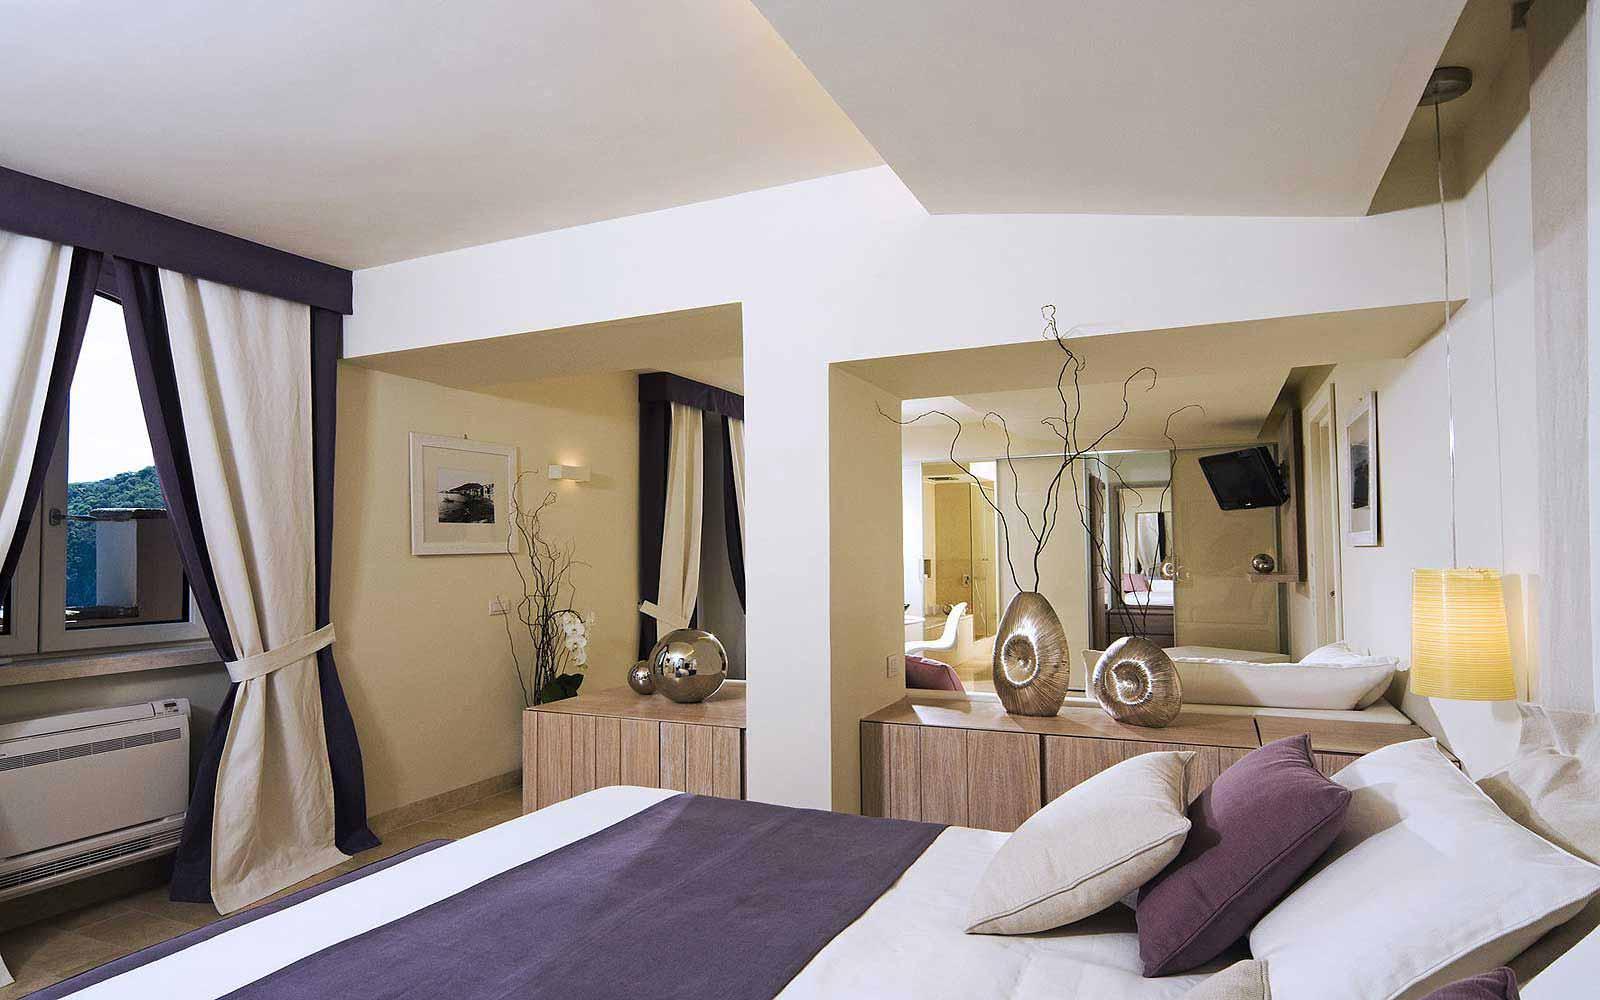 Deluxe Bellevue Suite at Mezzatorre Resort & Spa